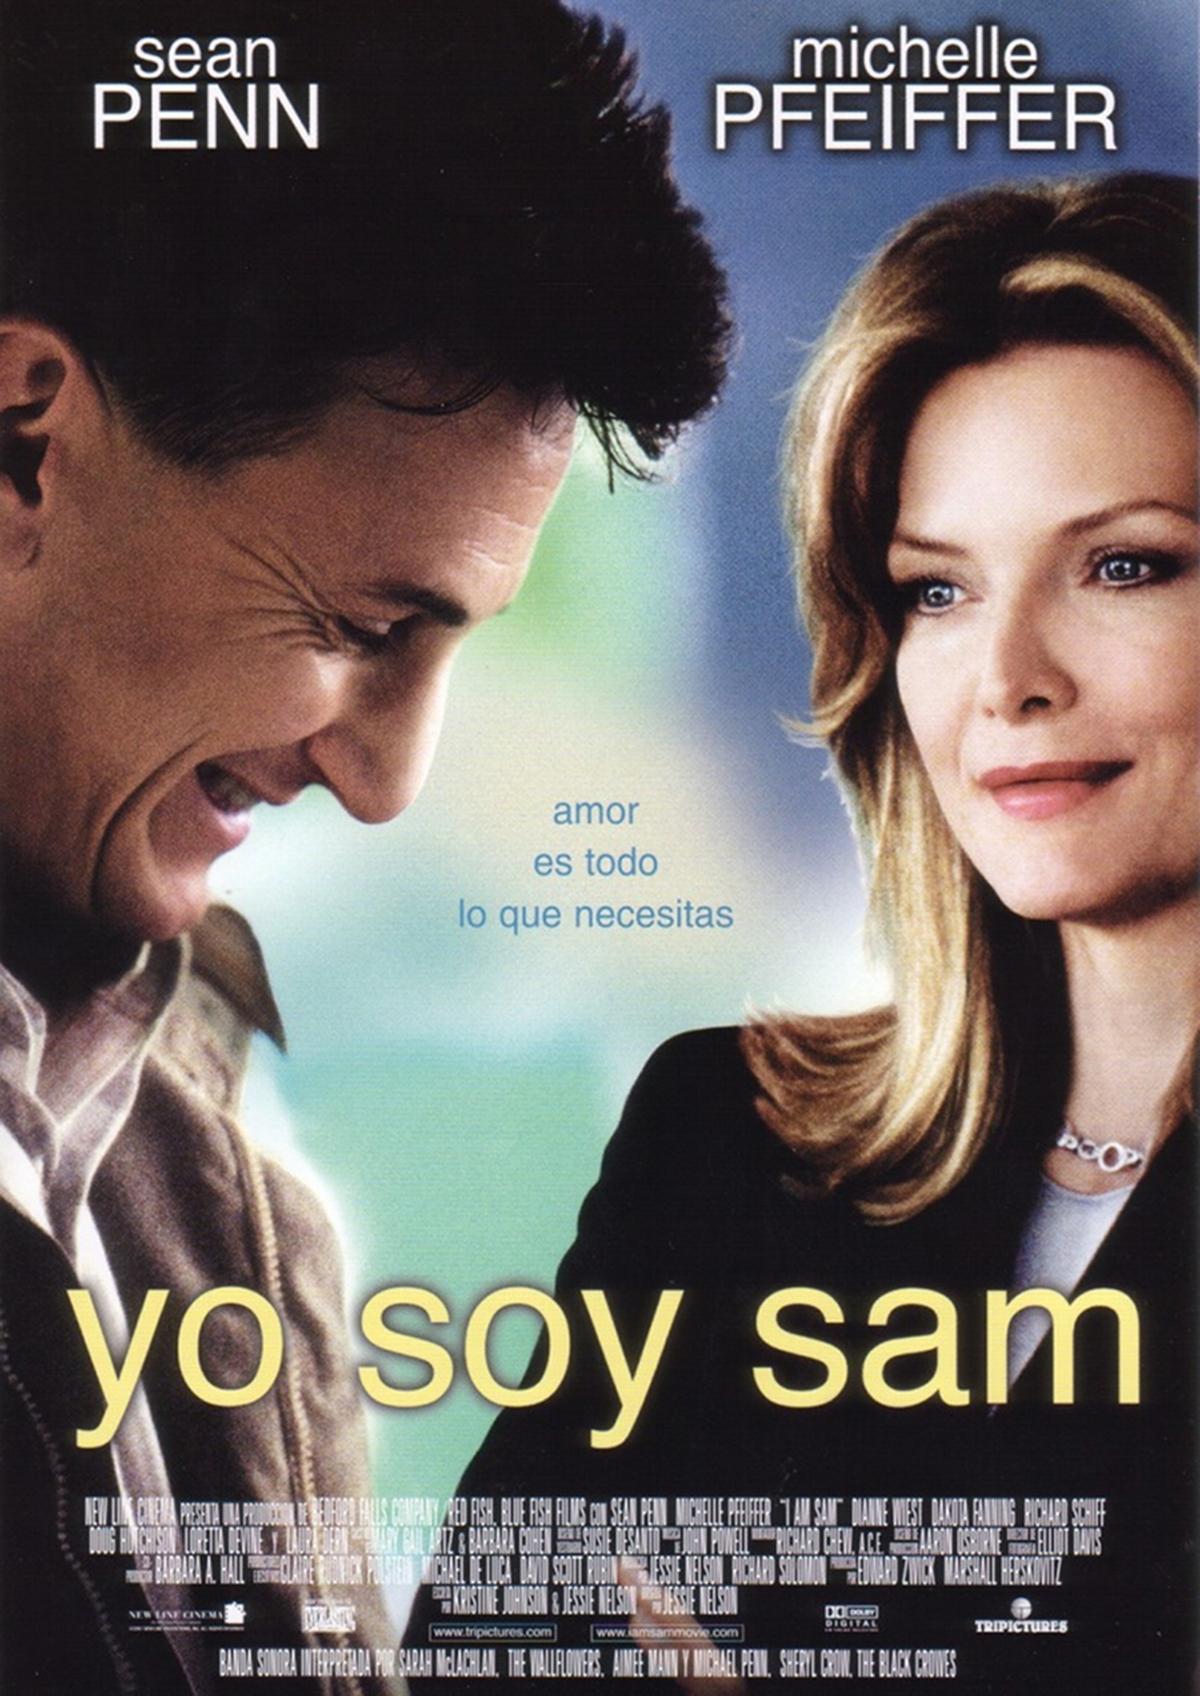 Yo soy Sam: Fotos y carteles - SensaCine.com I Am Sam Dakota Fanning